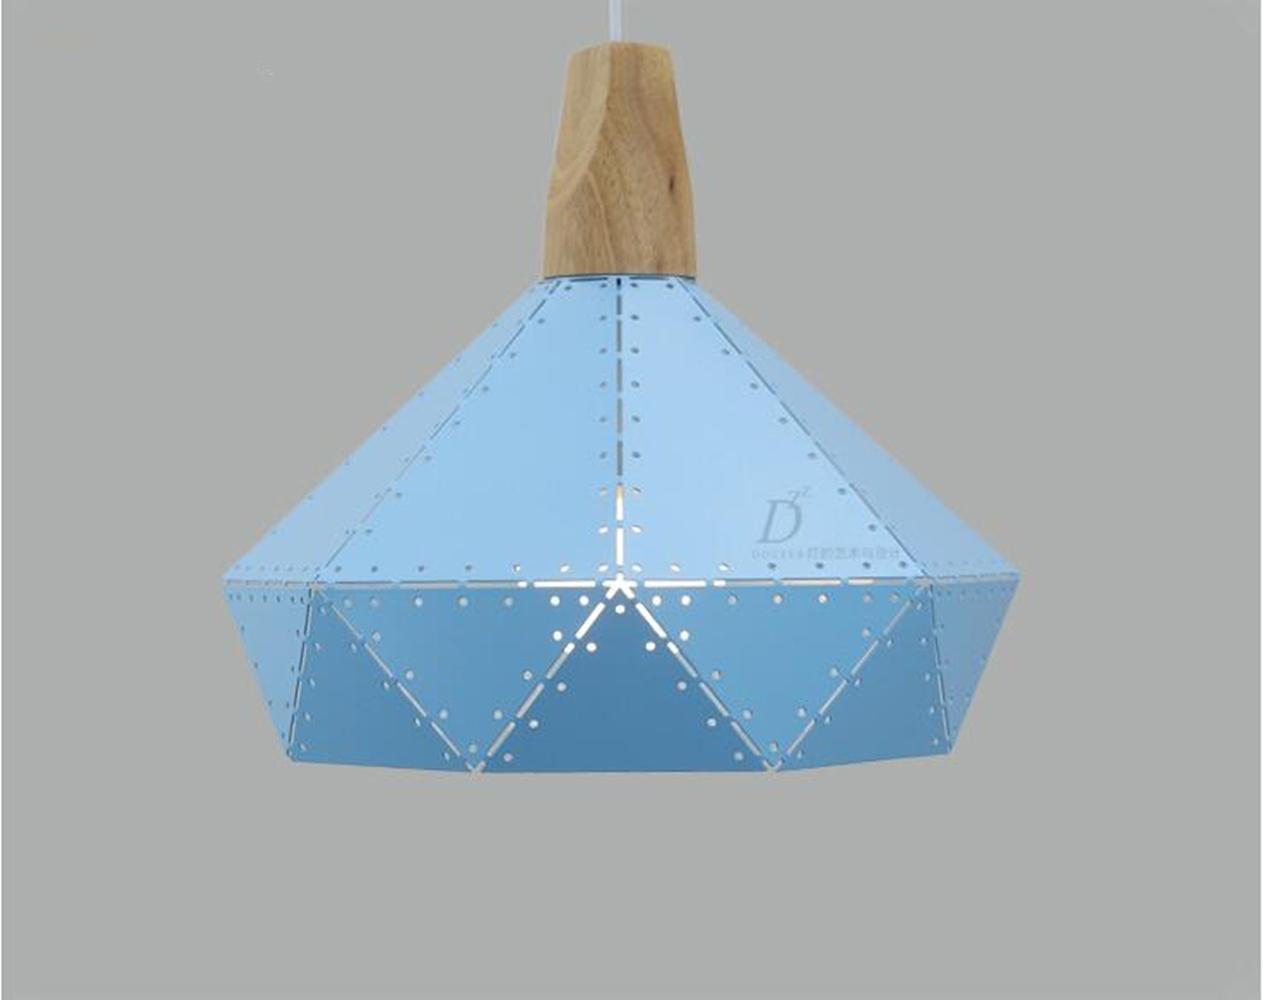 TQ Postmoderne minimalistische Nordic Massivholz Pendelleuchte kreative Loft Esszimmer Studie Korridor Balkon Kronleuchter Macaron farbige Eisen Pendelleuchte (A), Blau